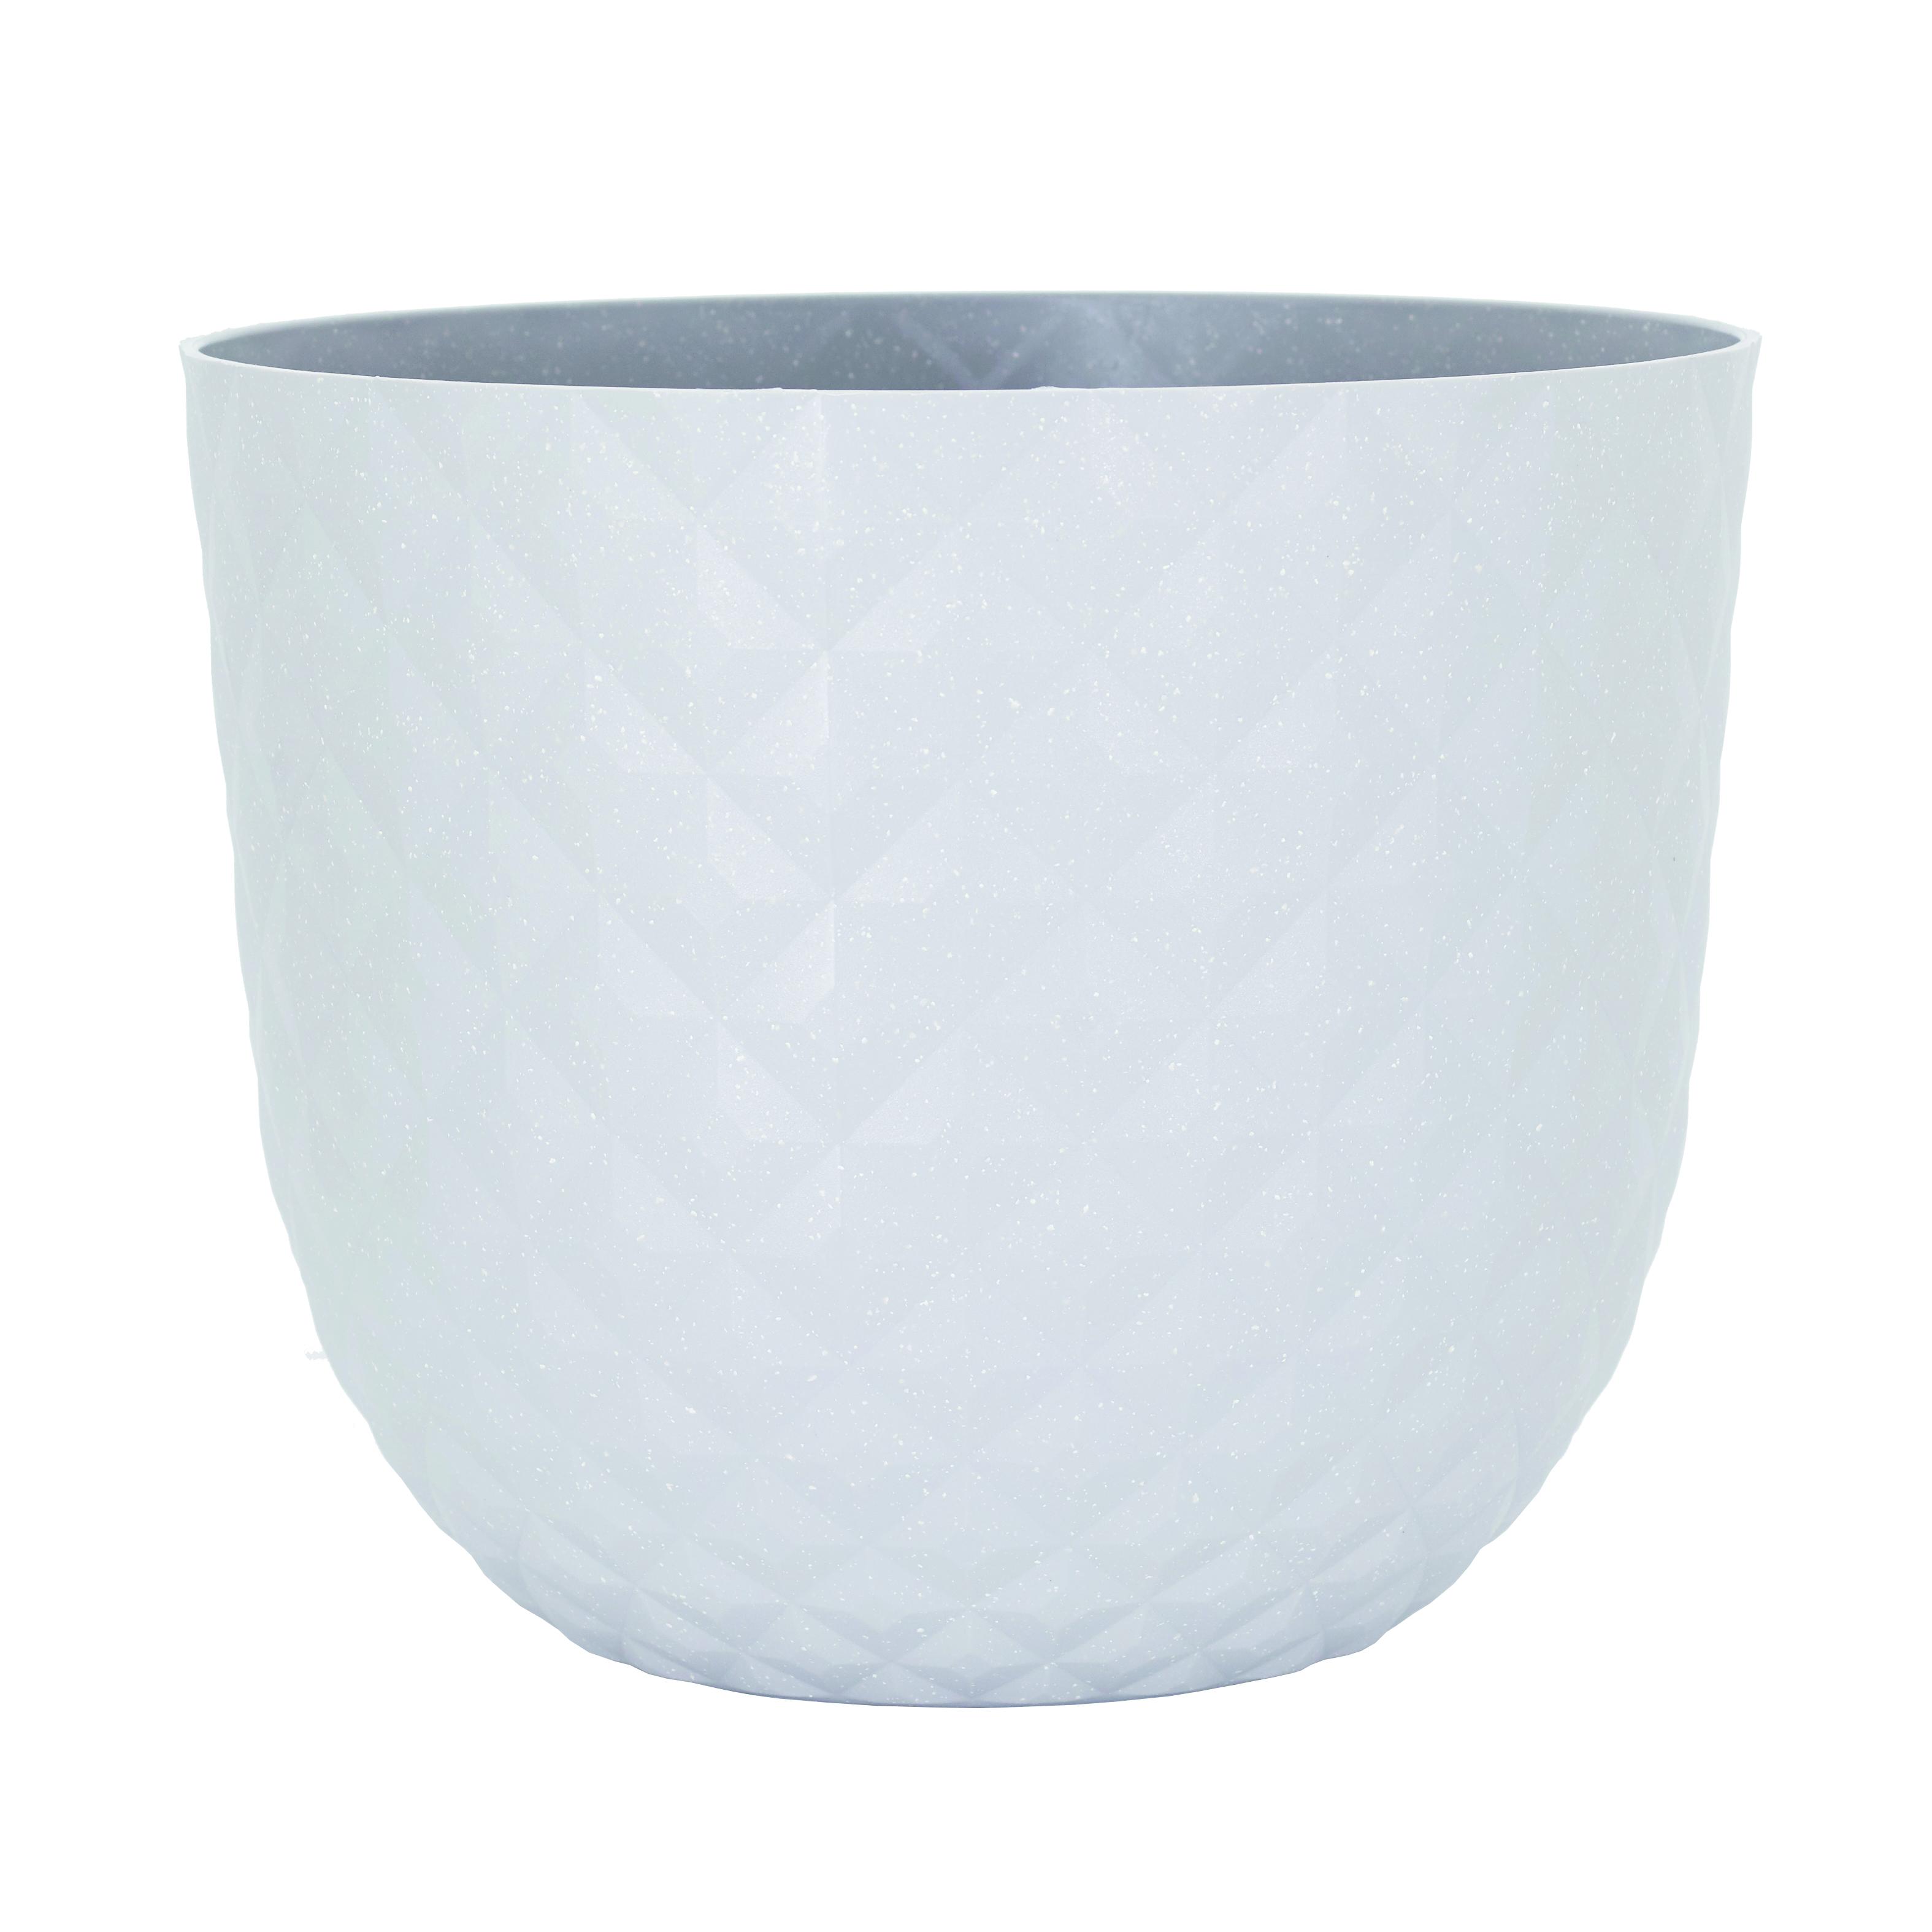 Vaso ARTEVASI in polipropilene colore bianco H 24.9 cm, Ø 30 cm